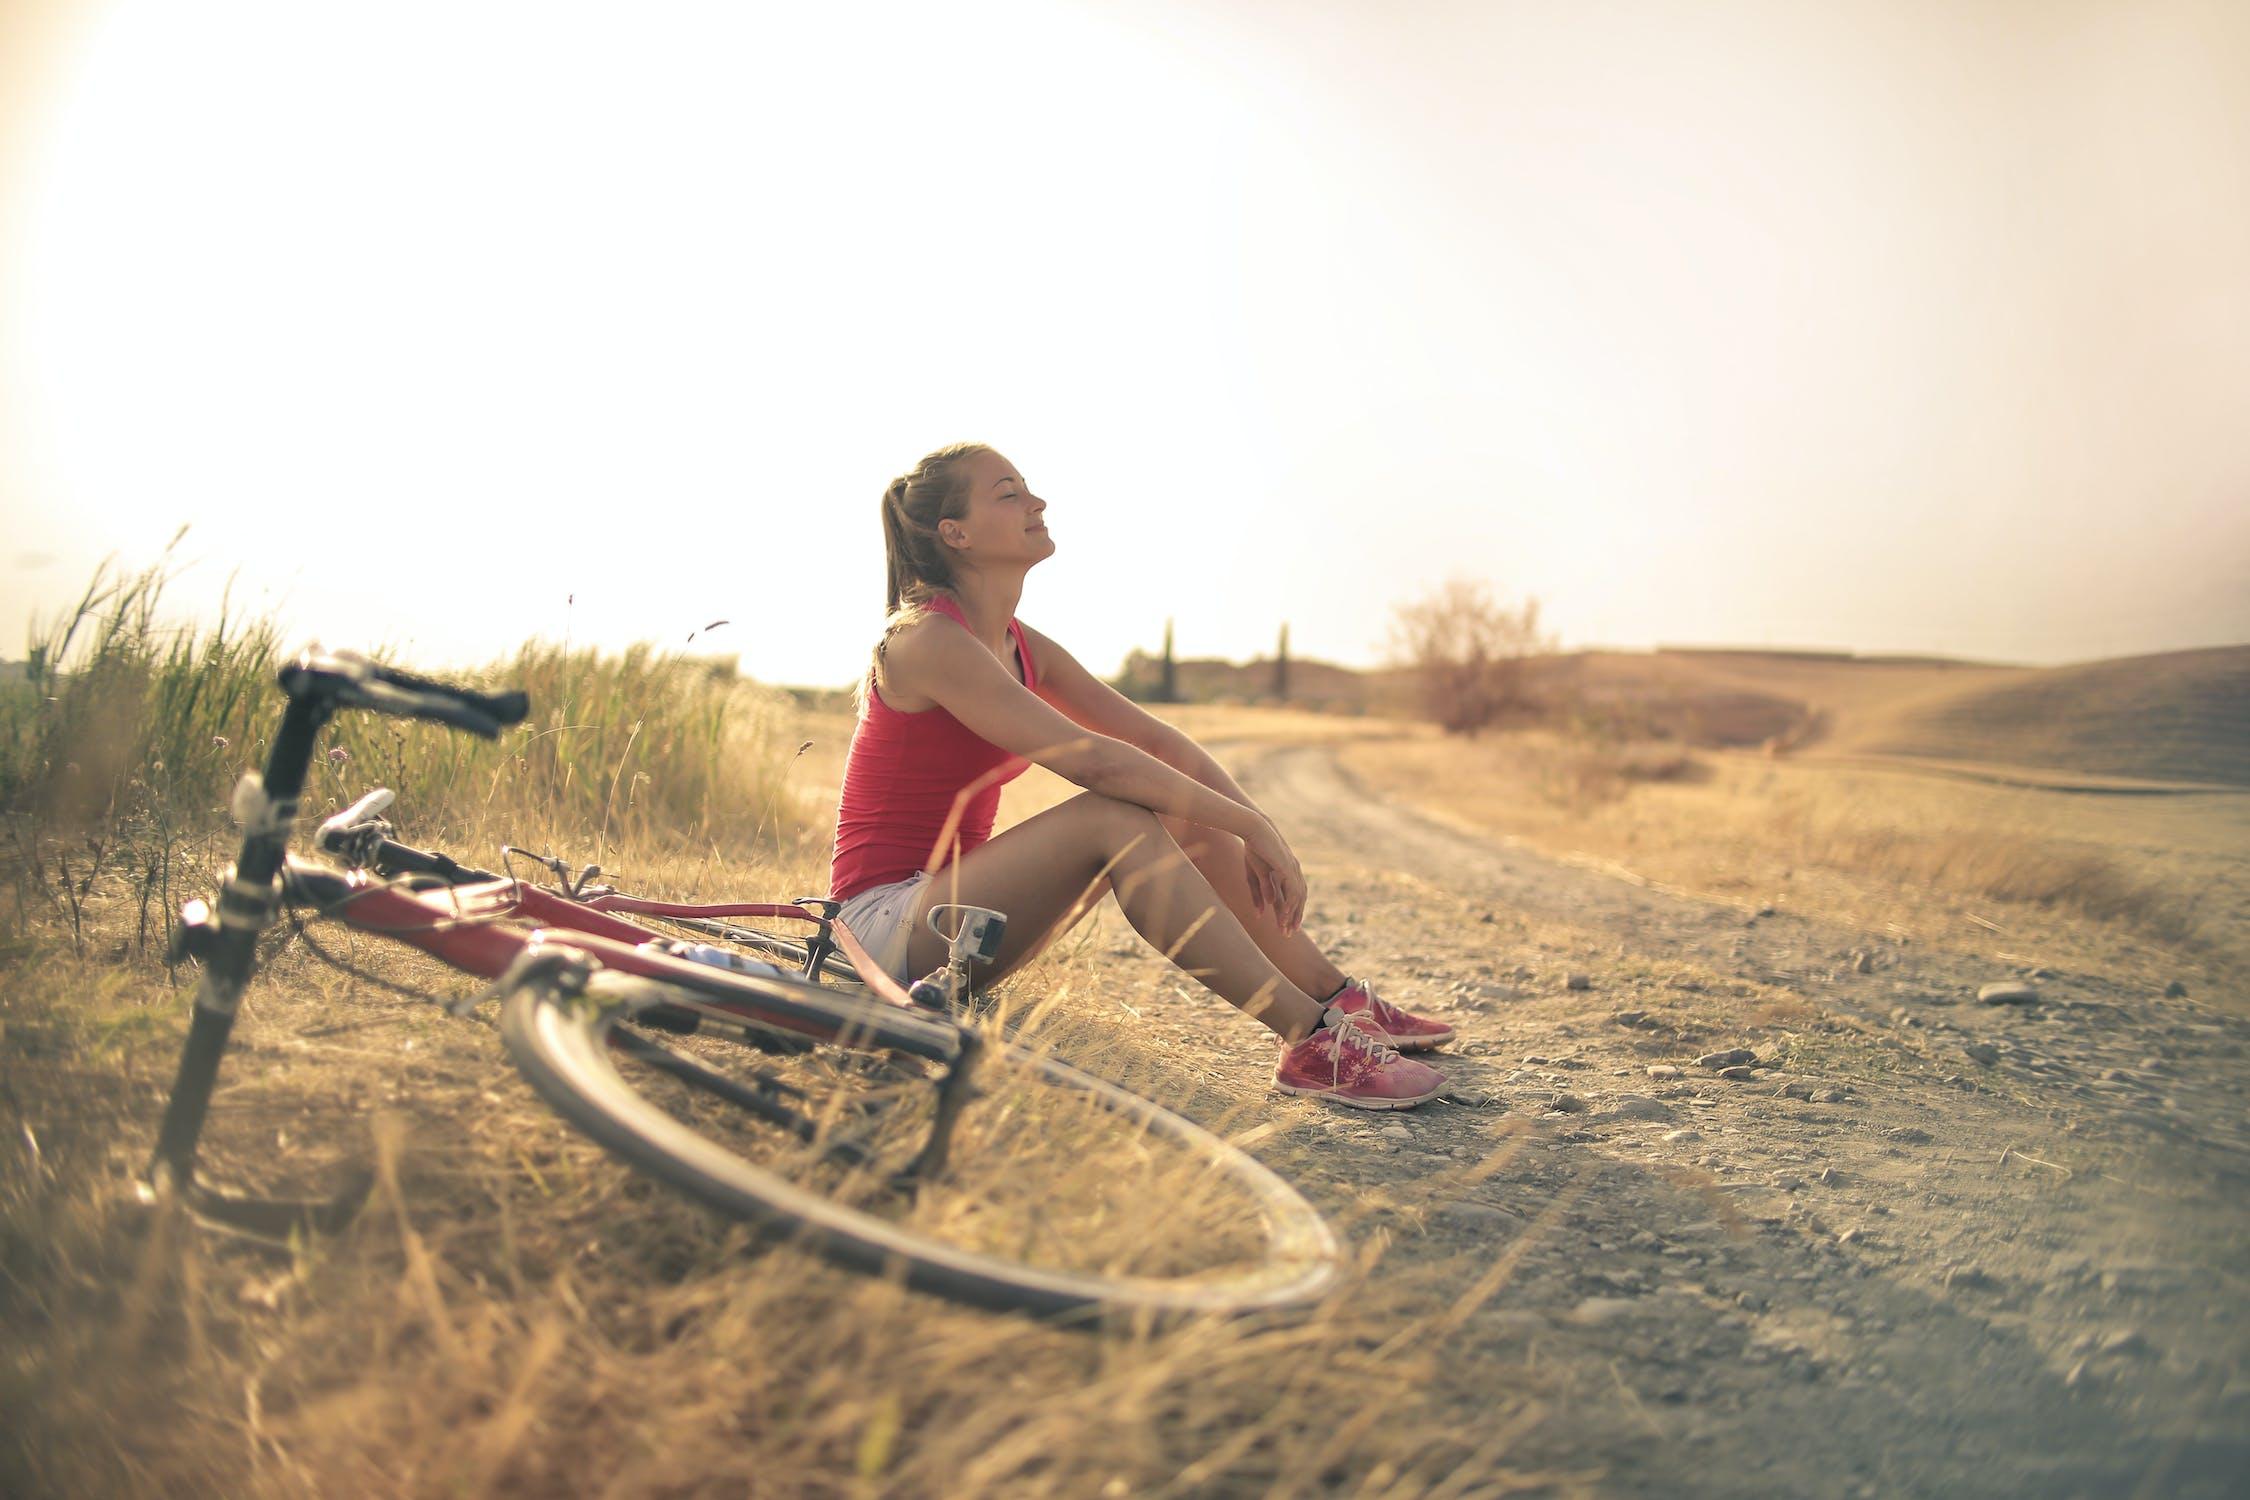 受験勉強中のおすすめの息抜き方法『軽い運動をする』